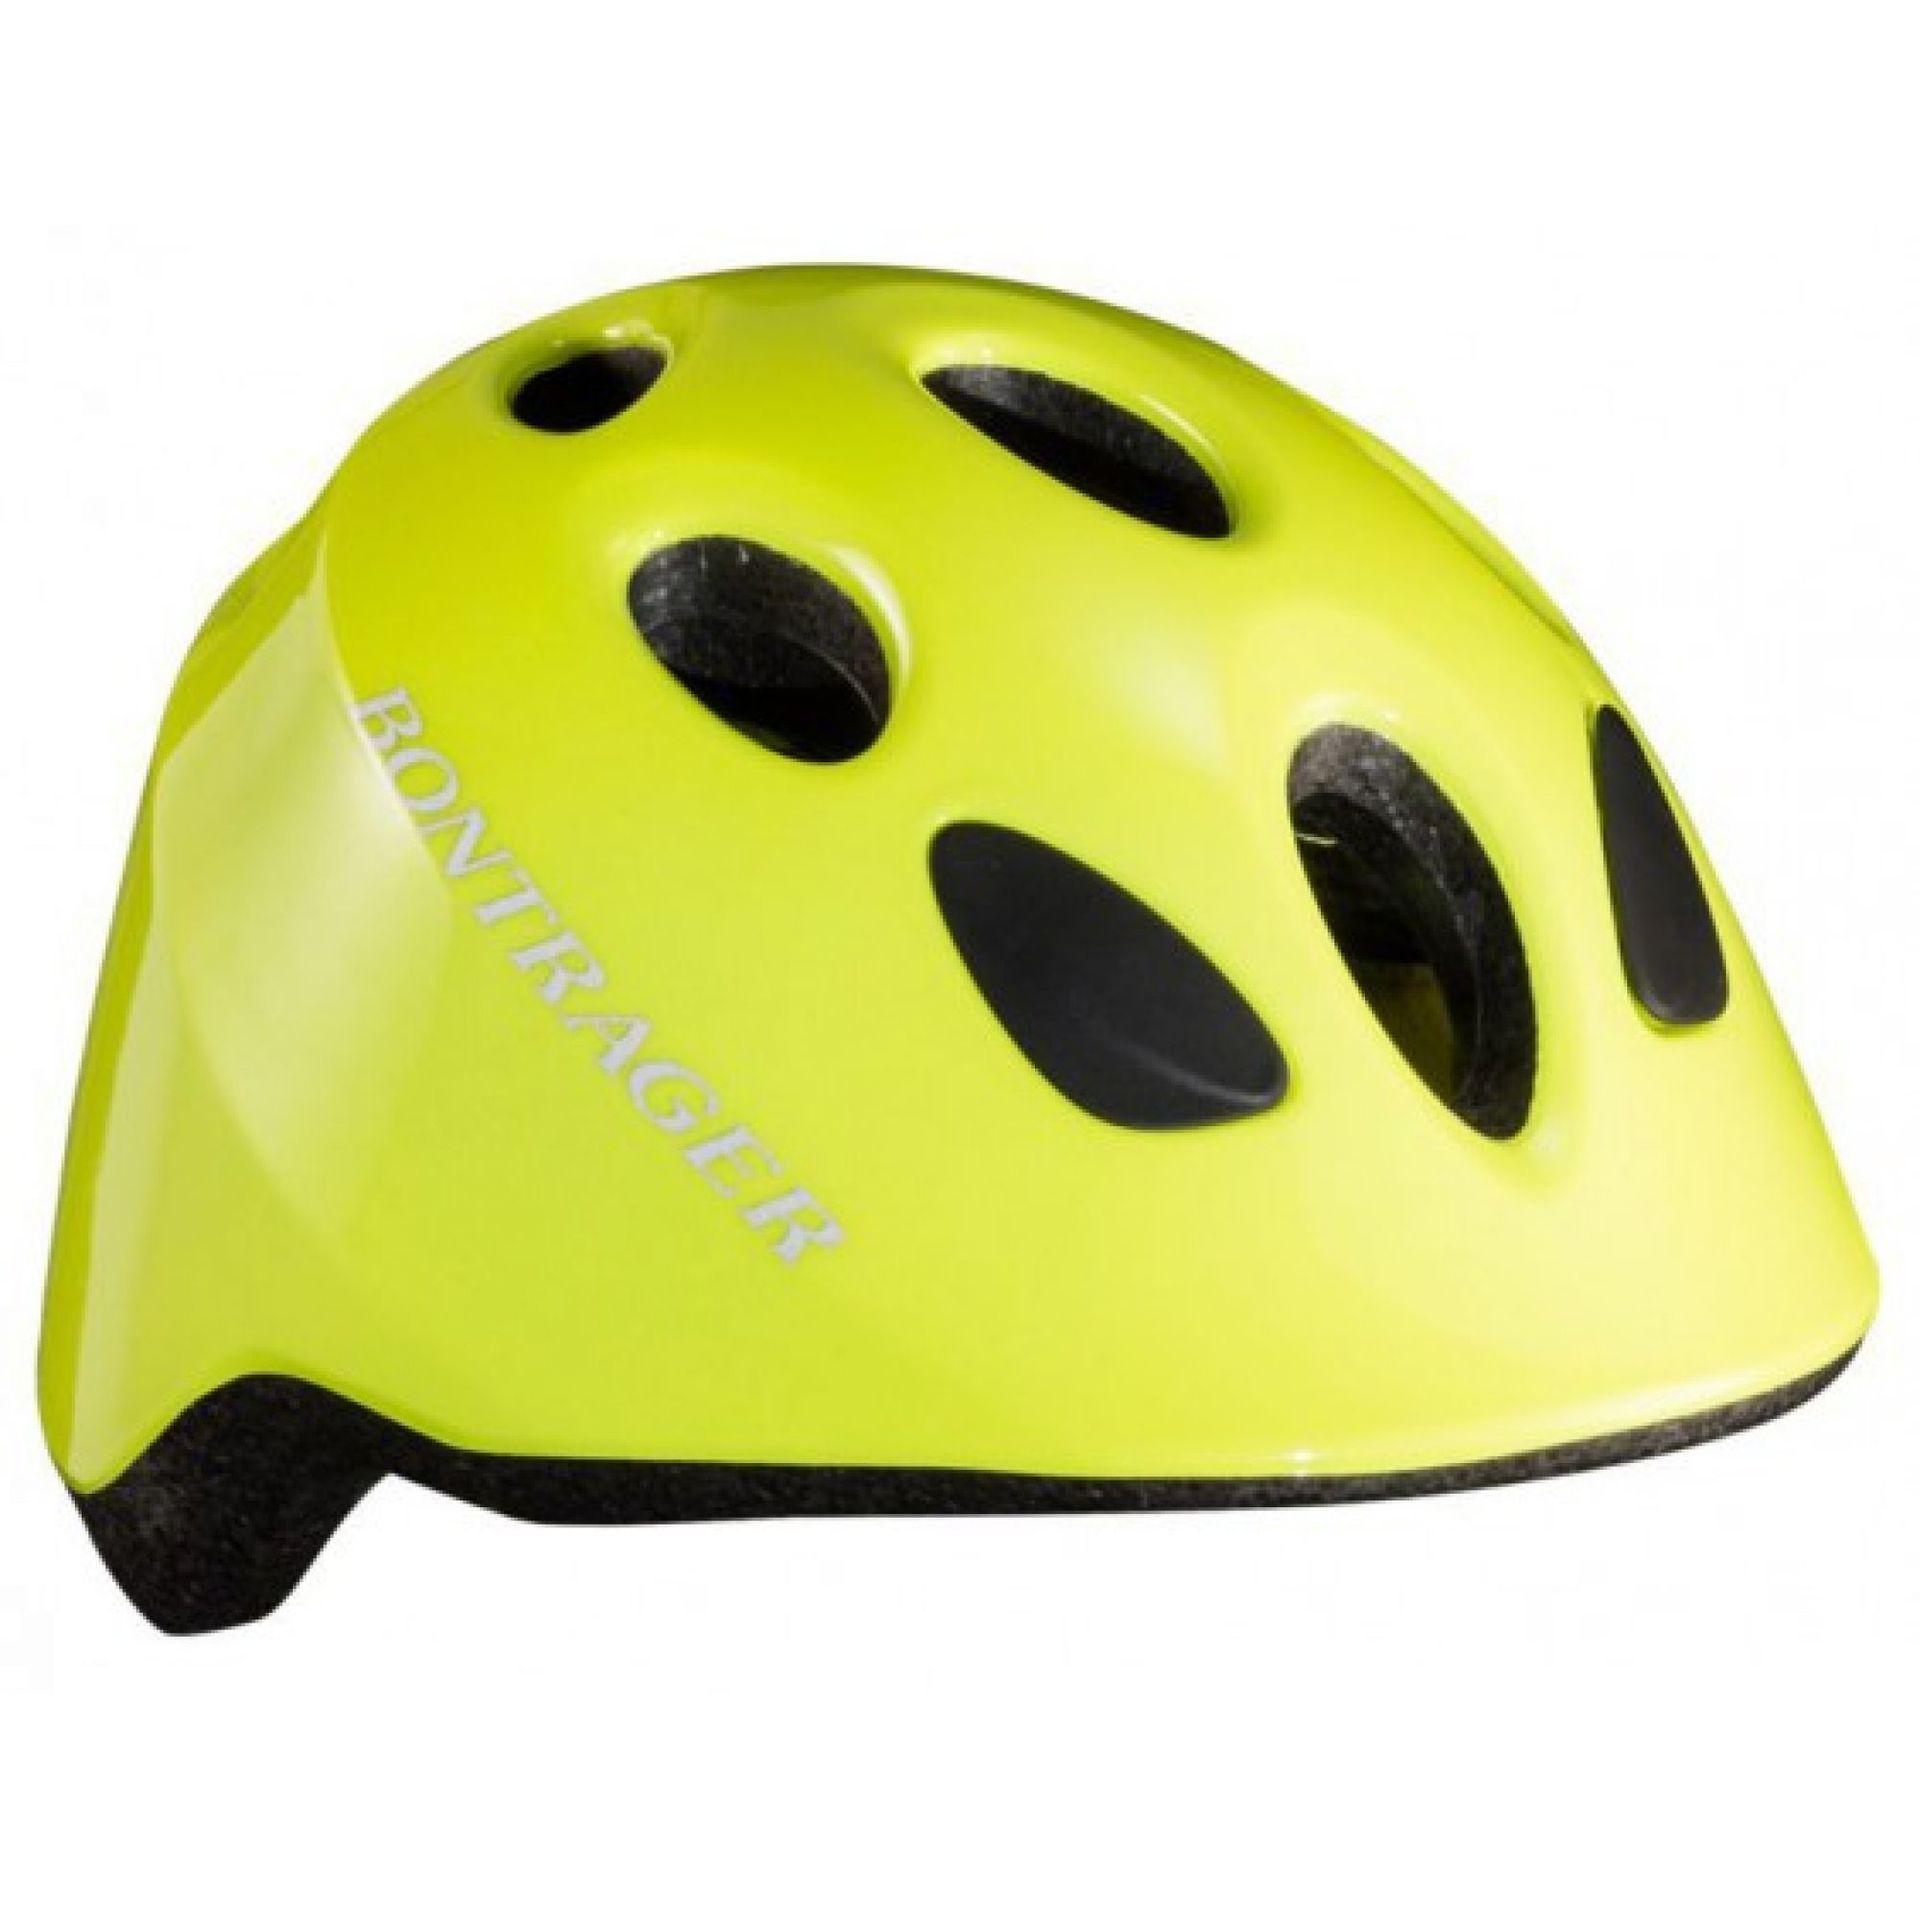 Kask rowerowy Bontrager Little dipper żółty